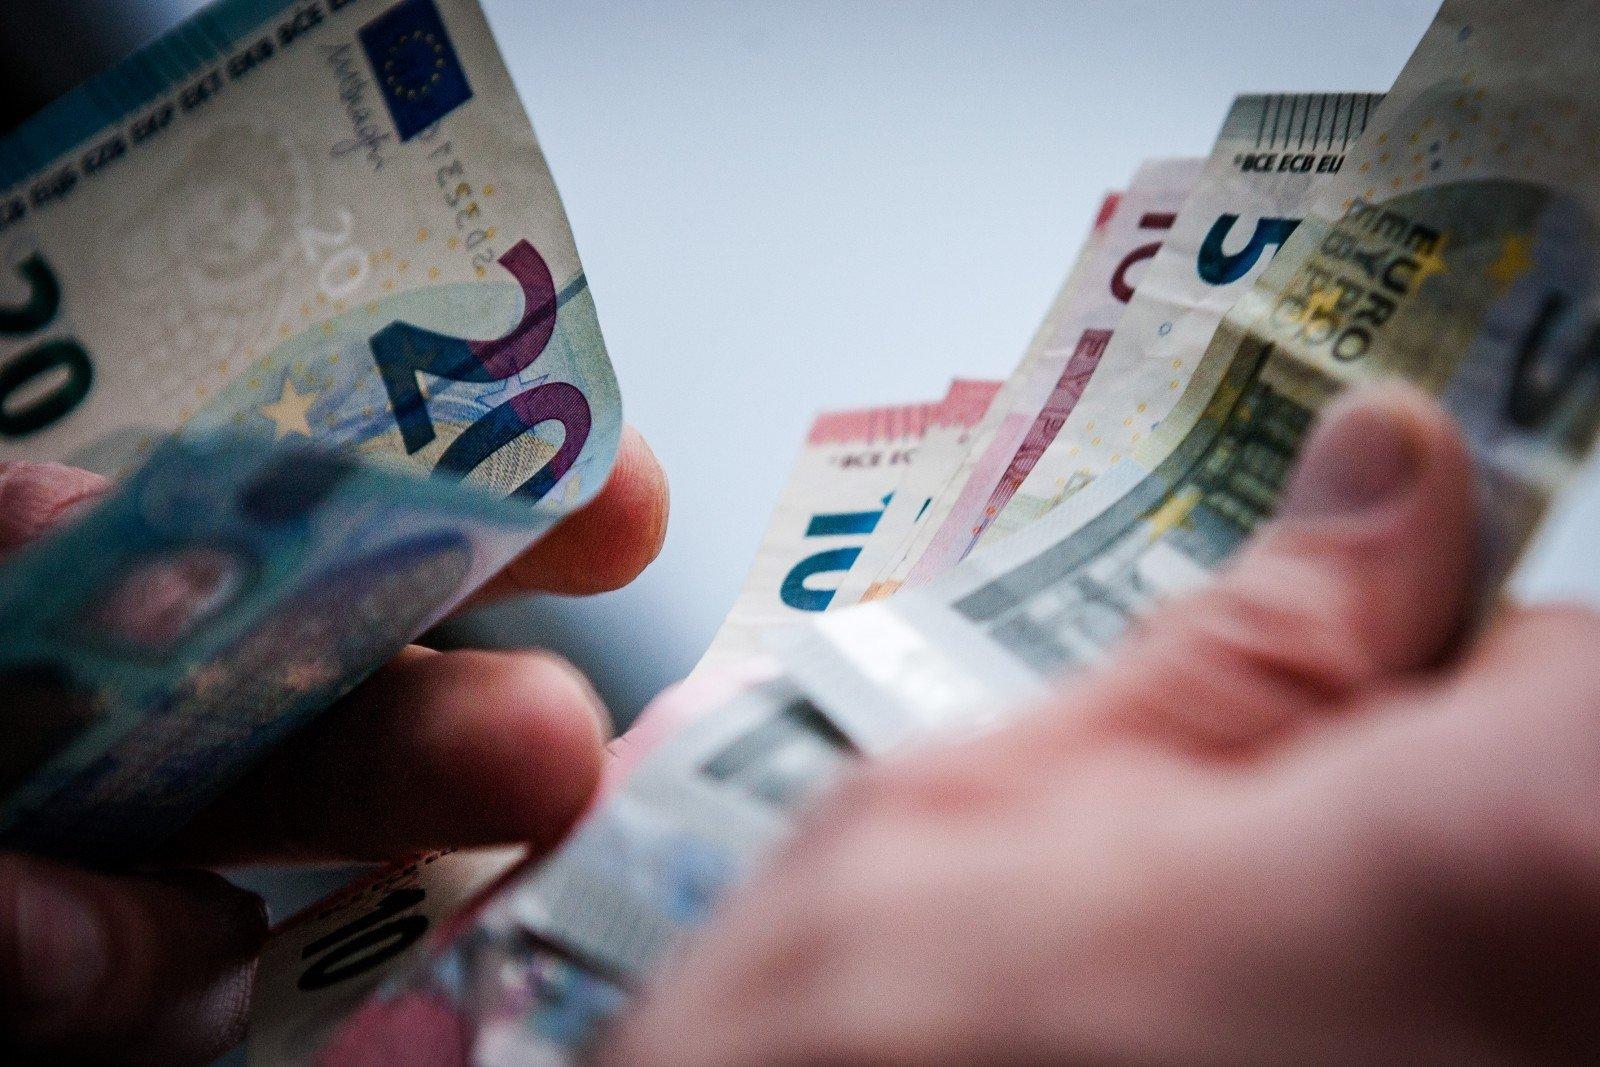 užsidirbti pinigų prieš išleidžiant pinigus dvejetainių parinkčių strategijos vaizdo kursas